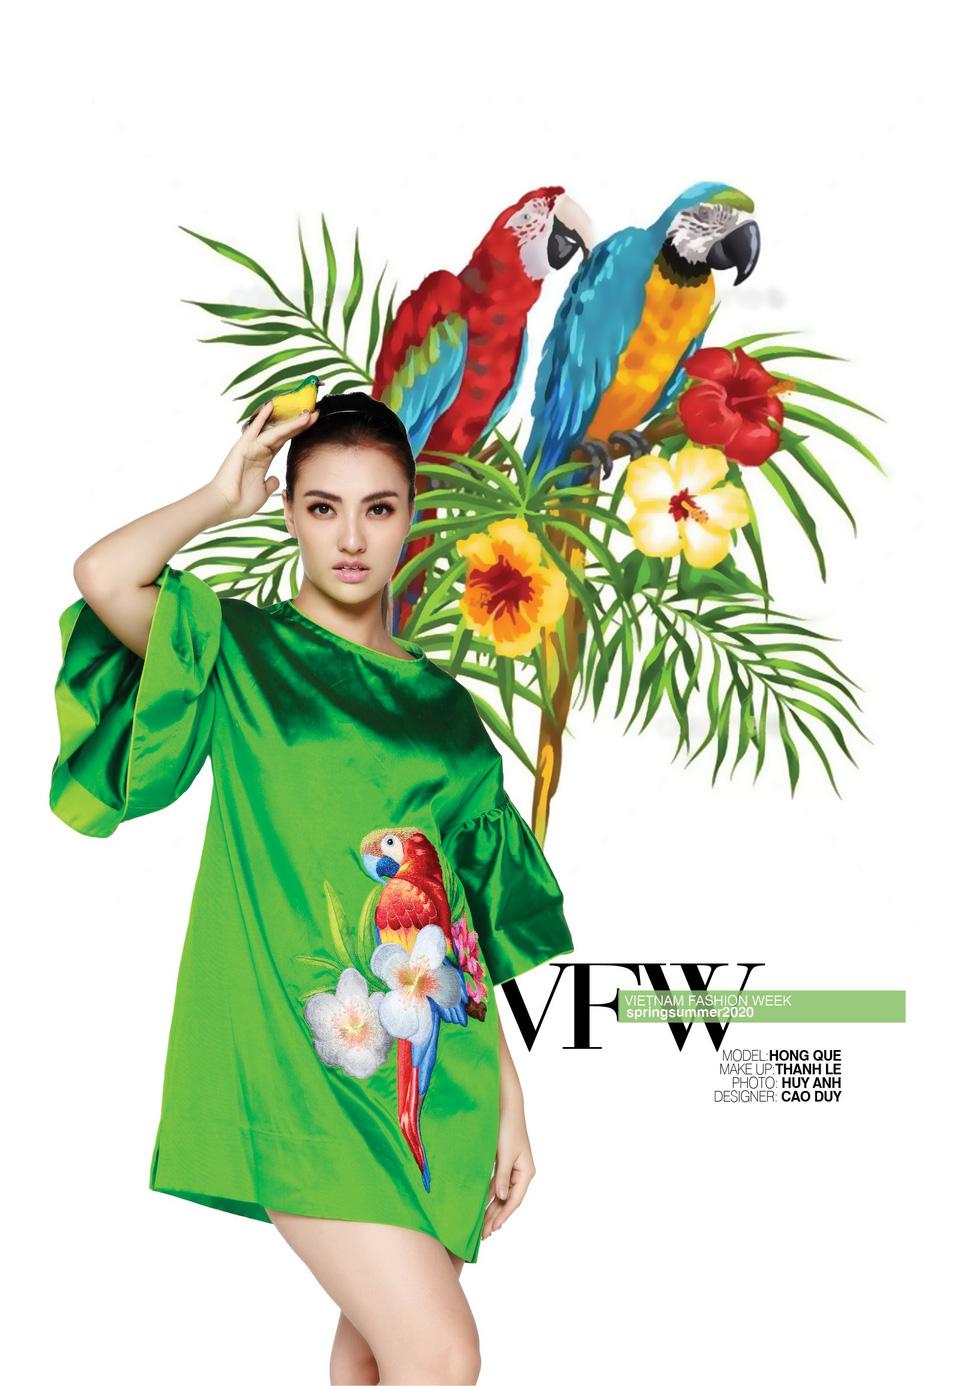 NTK Minh Hạnh: Sao phải đợi Louis Vuitton, ta mới thấy Việt Nam mình đẹp! - Ảnh 1.